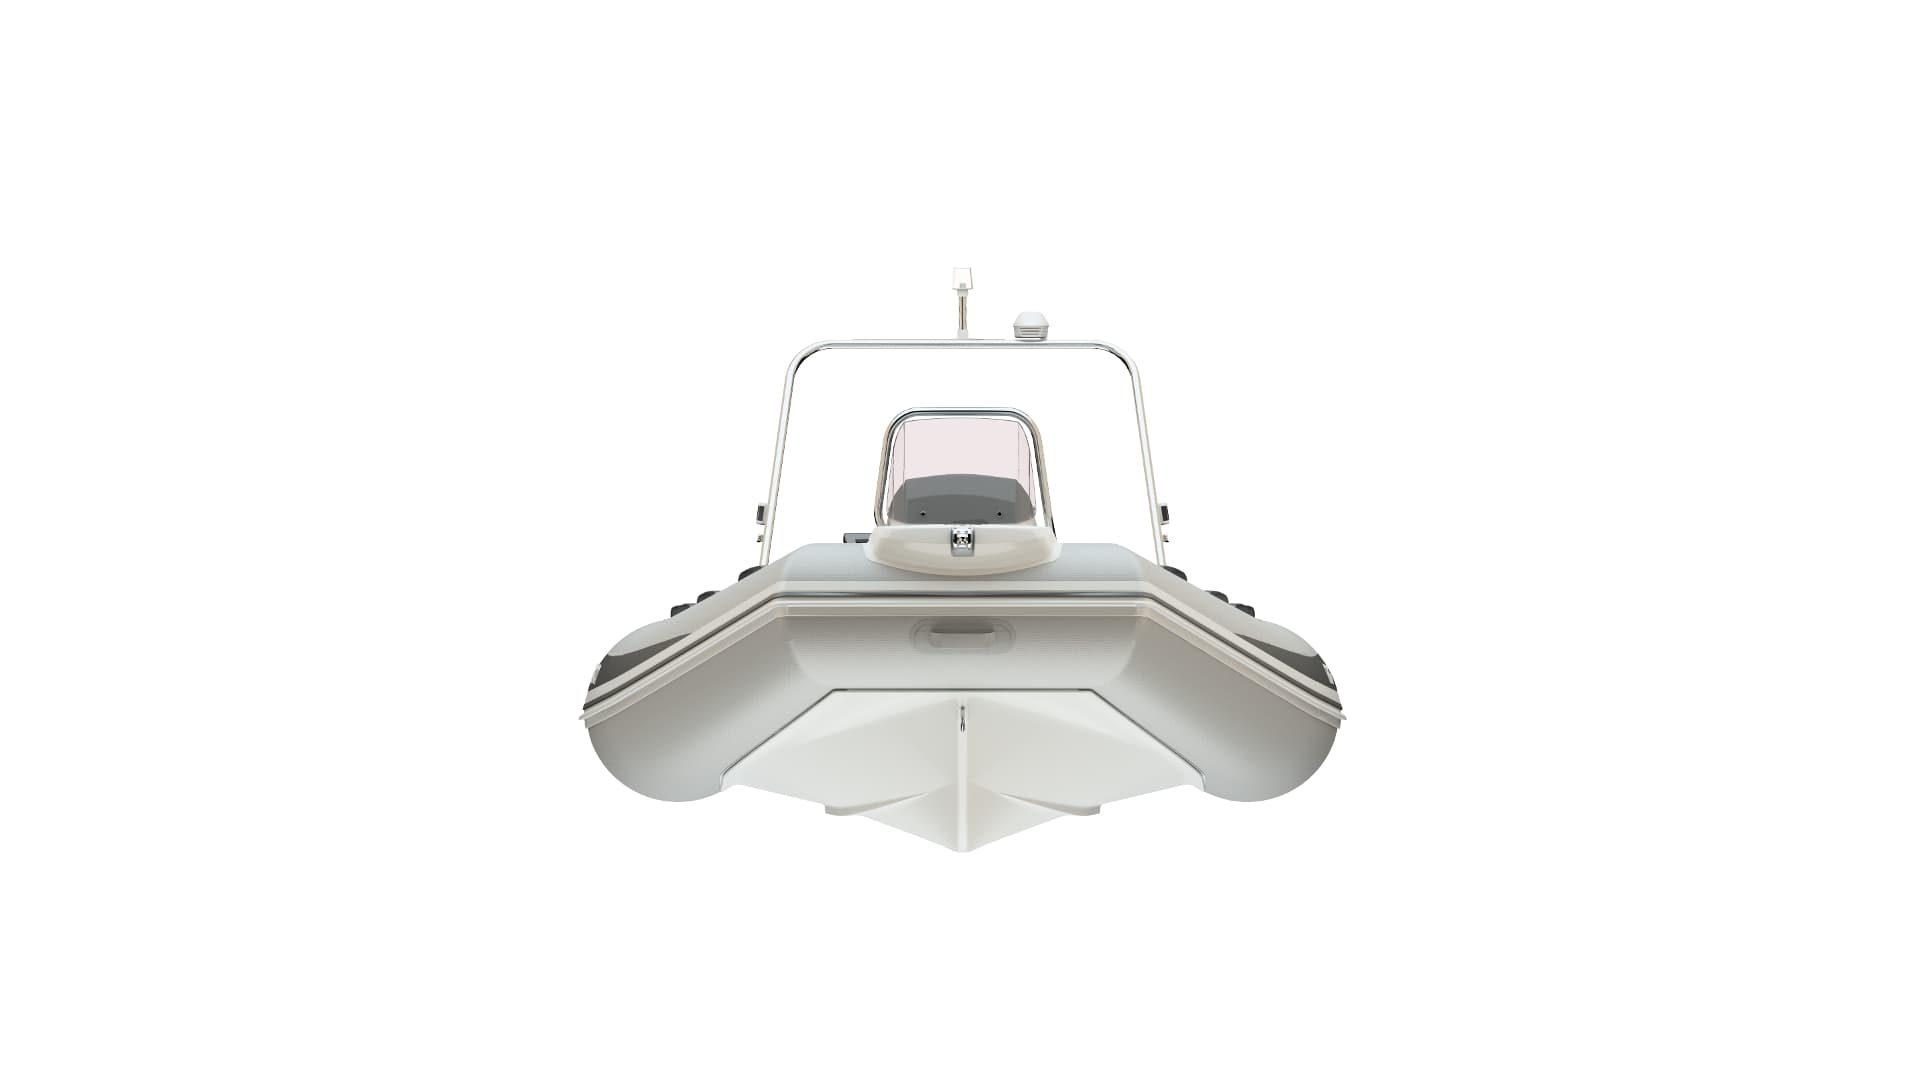 Надувная лодка с жестким дном GRAND Silver Line S470NS, Надувная лодка GRAND Silver Line S470NS, GRAND Silver Line S470NSF, GRAND Silver Line S470NS, GRAND S470NSF, GRAND S470NS, GRAND S470, Надувная лодка GRAND, Надувная лодка ГРАНД, Надувная лодка с жестким дном, RIB, Rigid Inflatable Boats